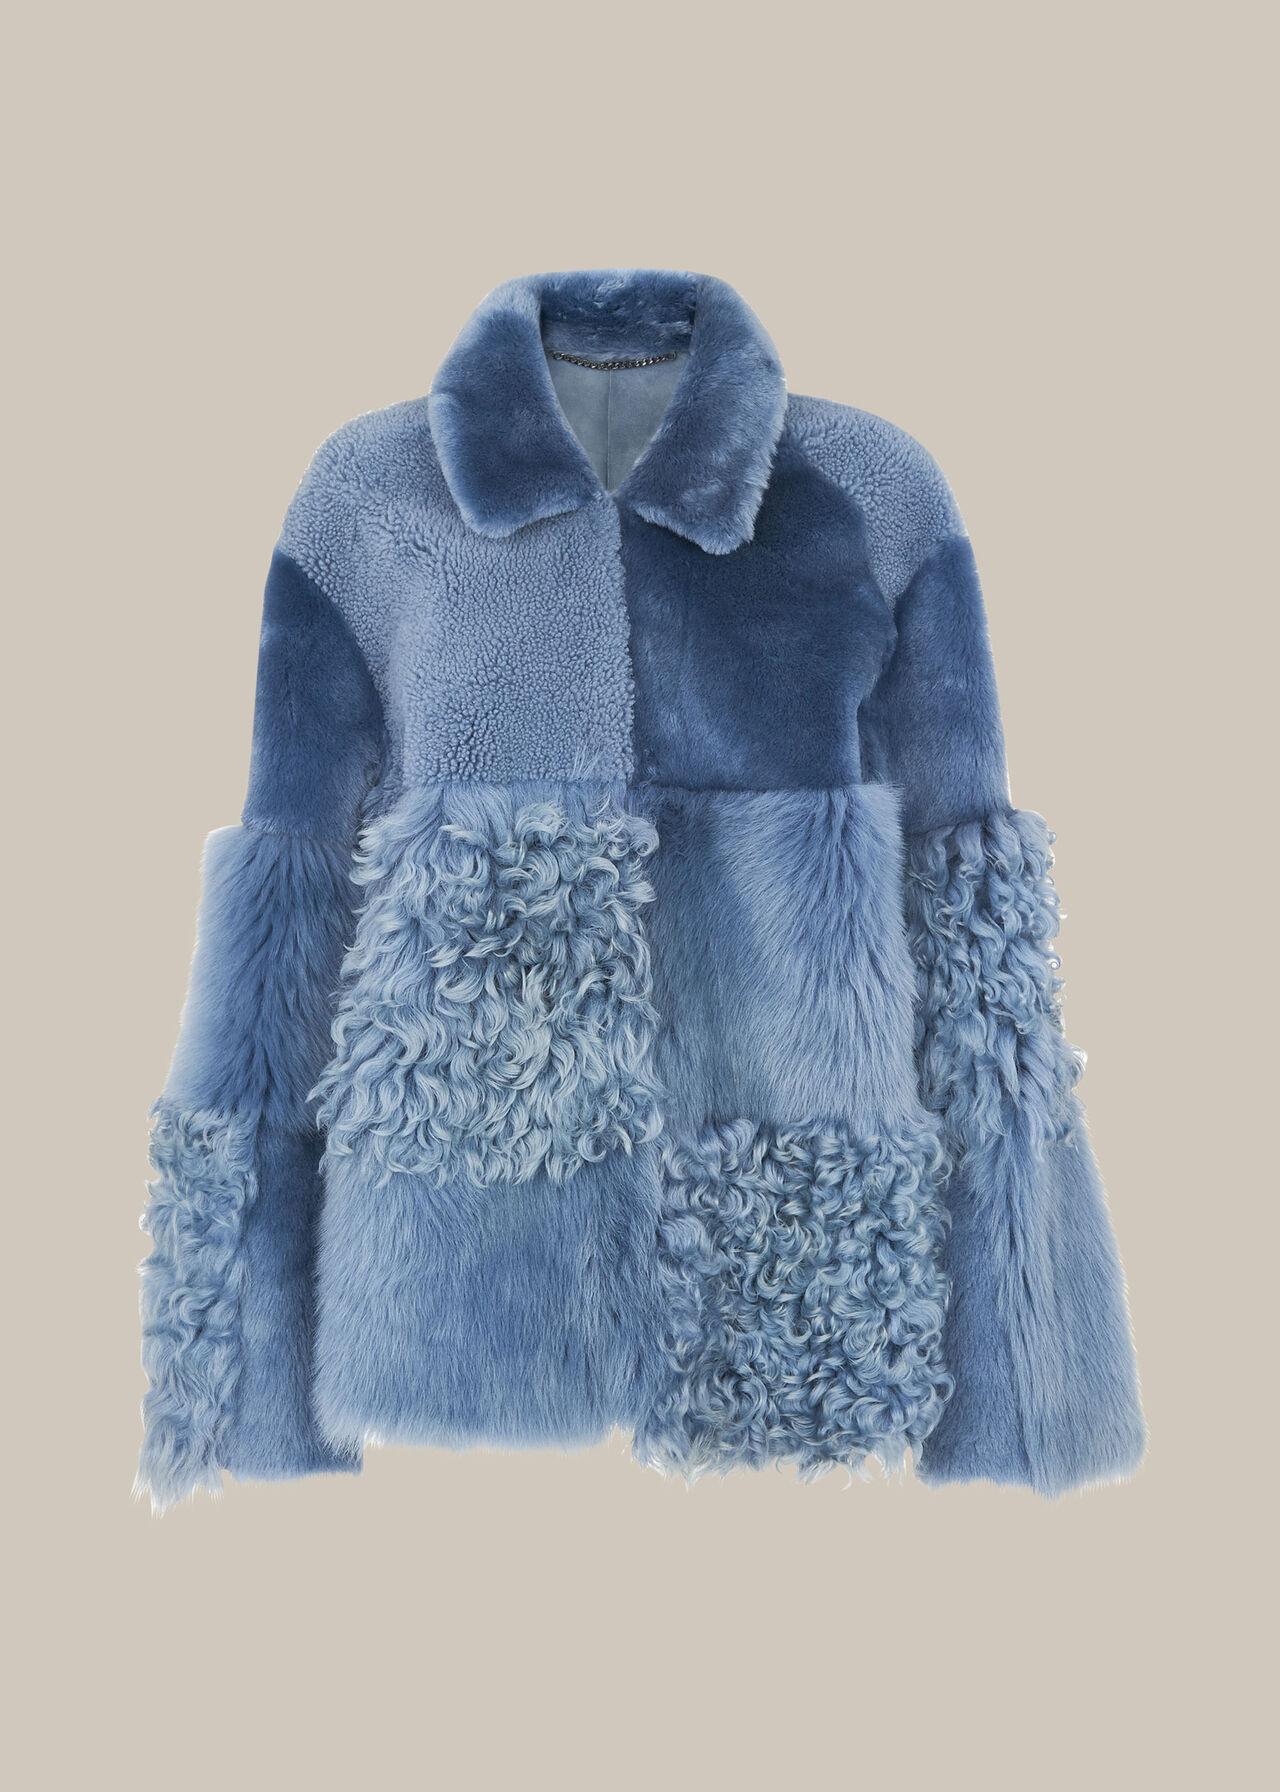 Hema Shearling Coat